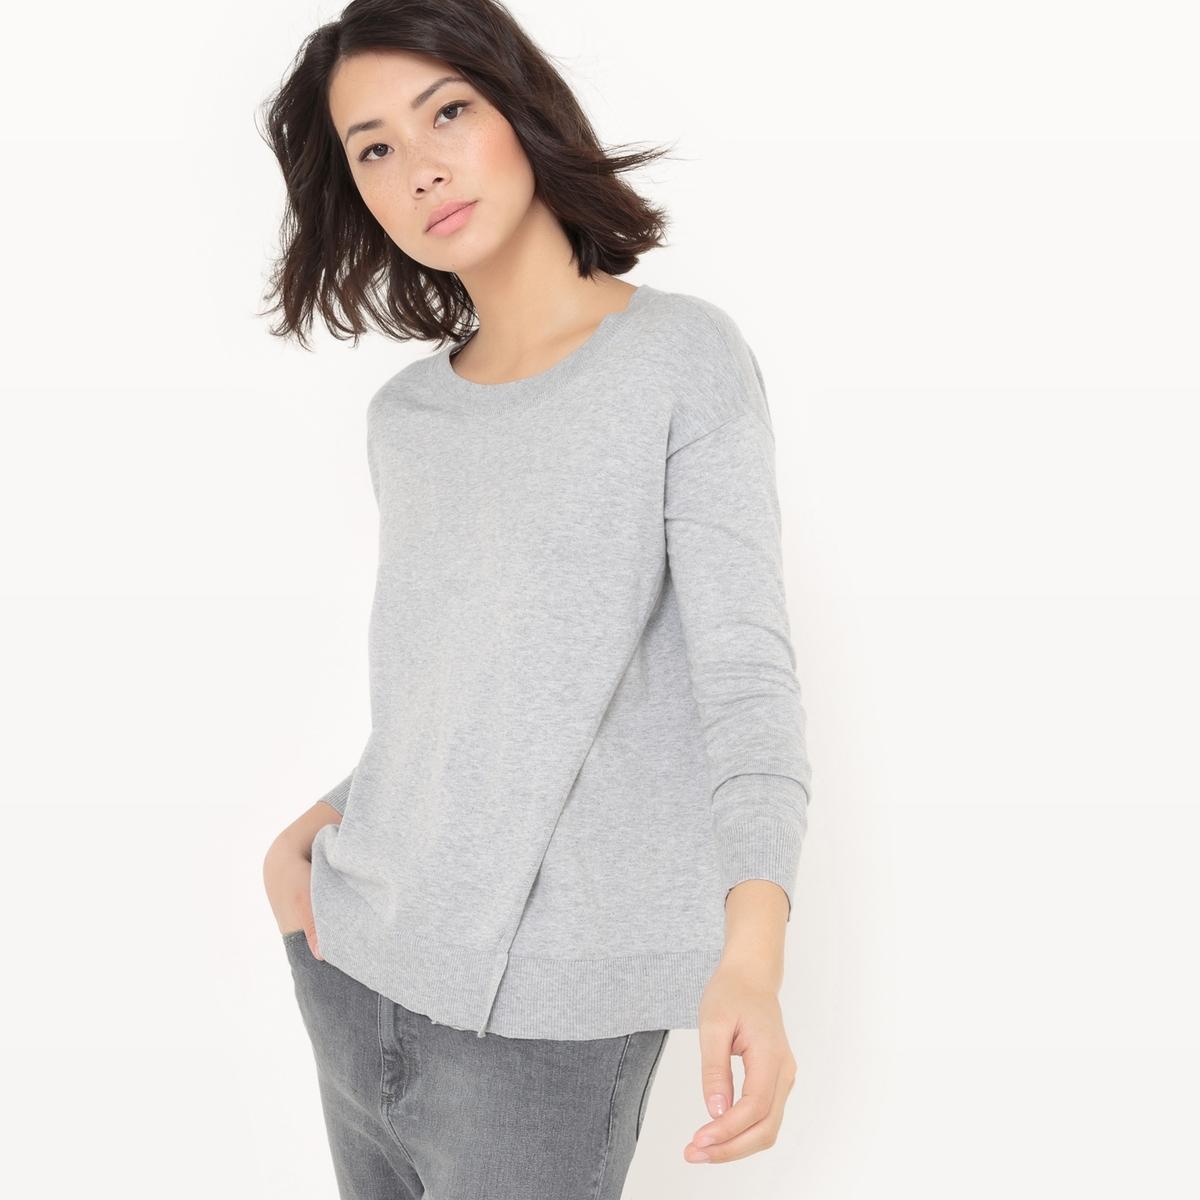 Пуловер с круглым вырезом из хлопка/шелка пуловер с круглым вырезом из хлопка и льна